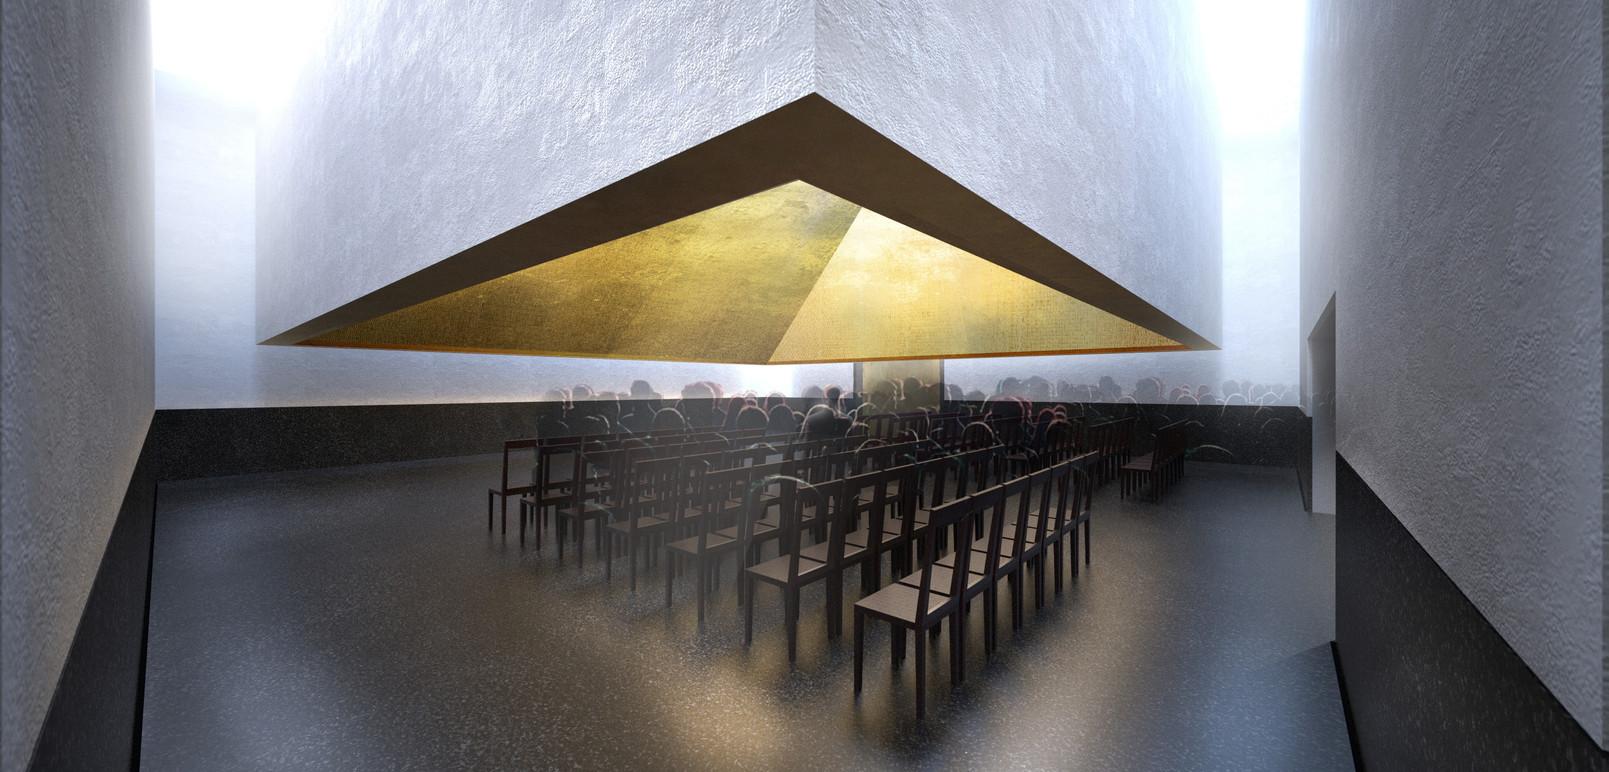 2013-12-12_Final Interior 2 AAA (1).jpg